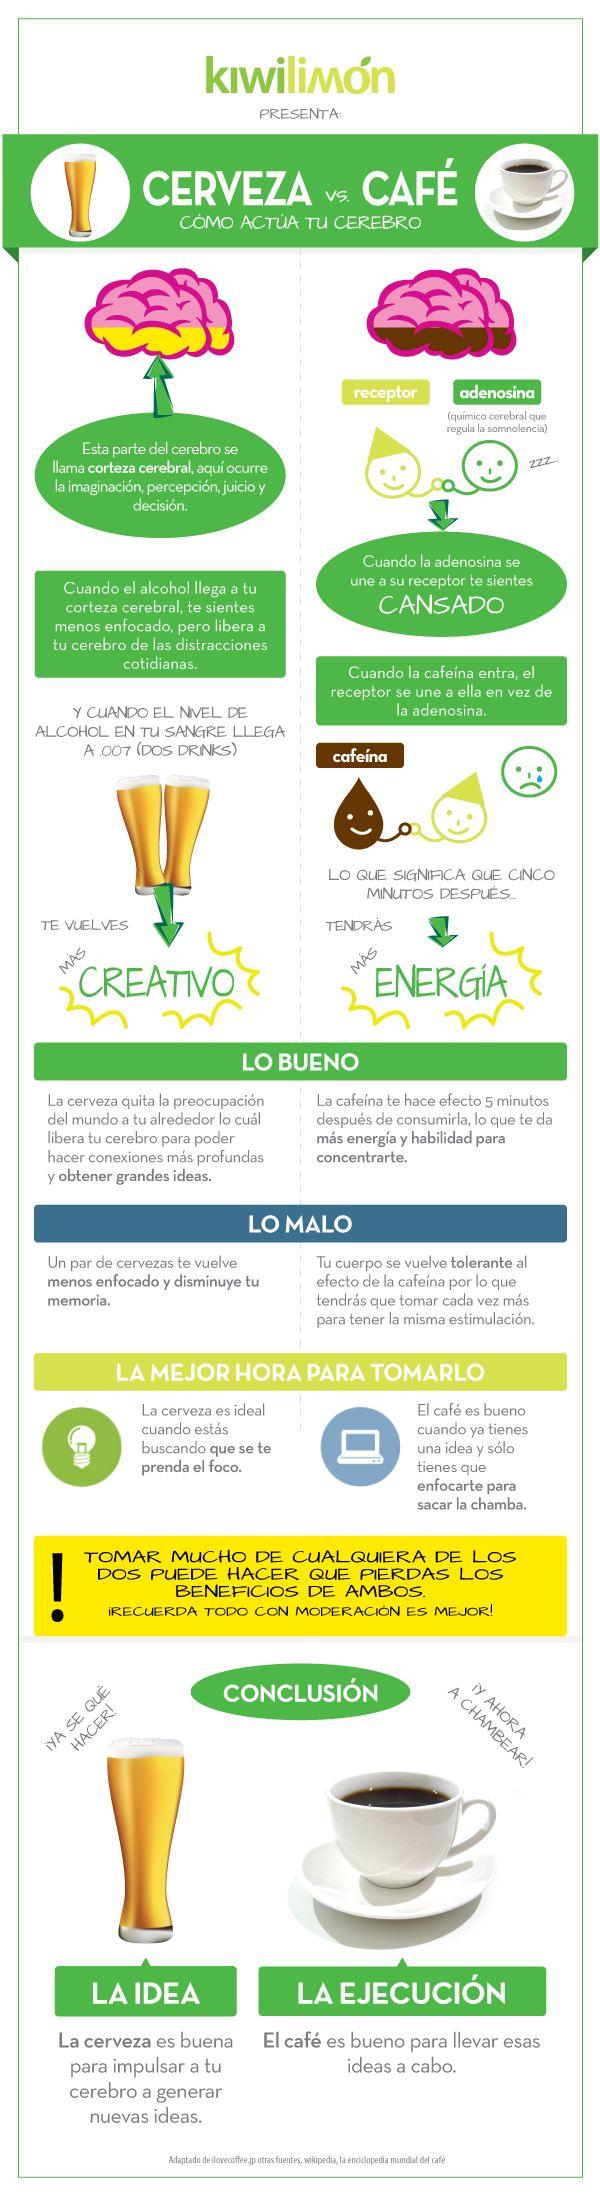 Beneficios de la Cerveza y Café - Propiedades #Nutrición y #Salud YG > nutricionysaludyg.com